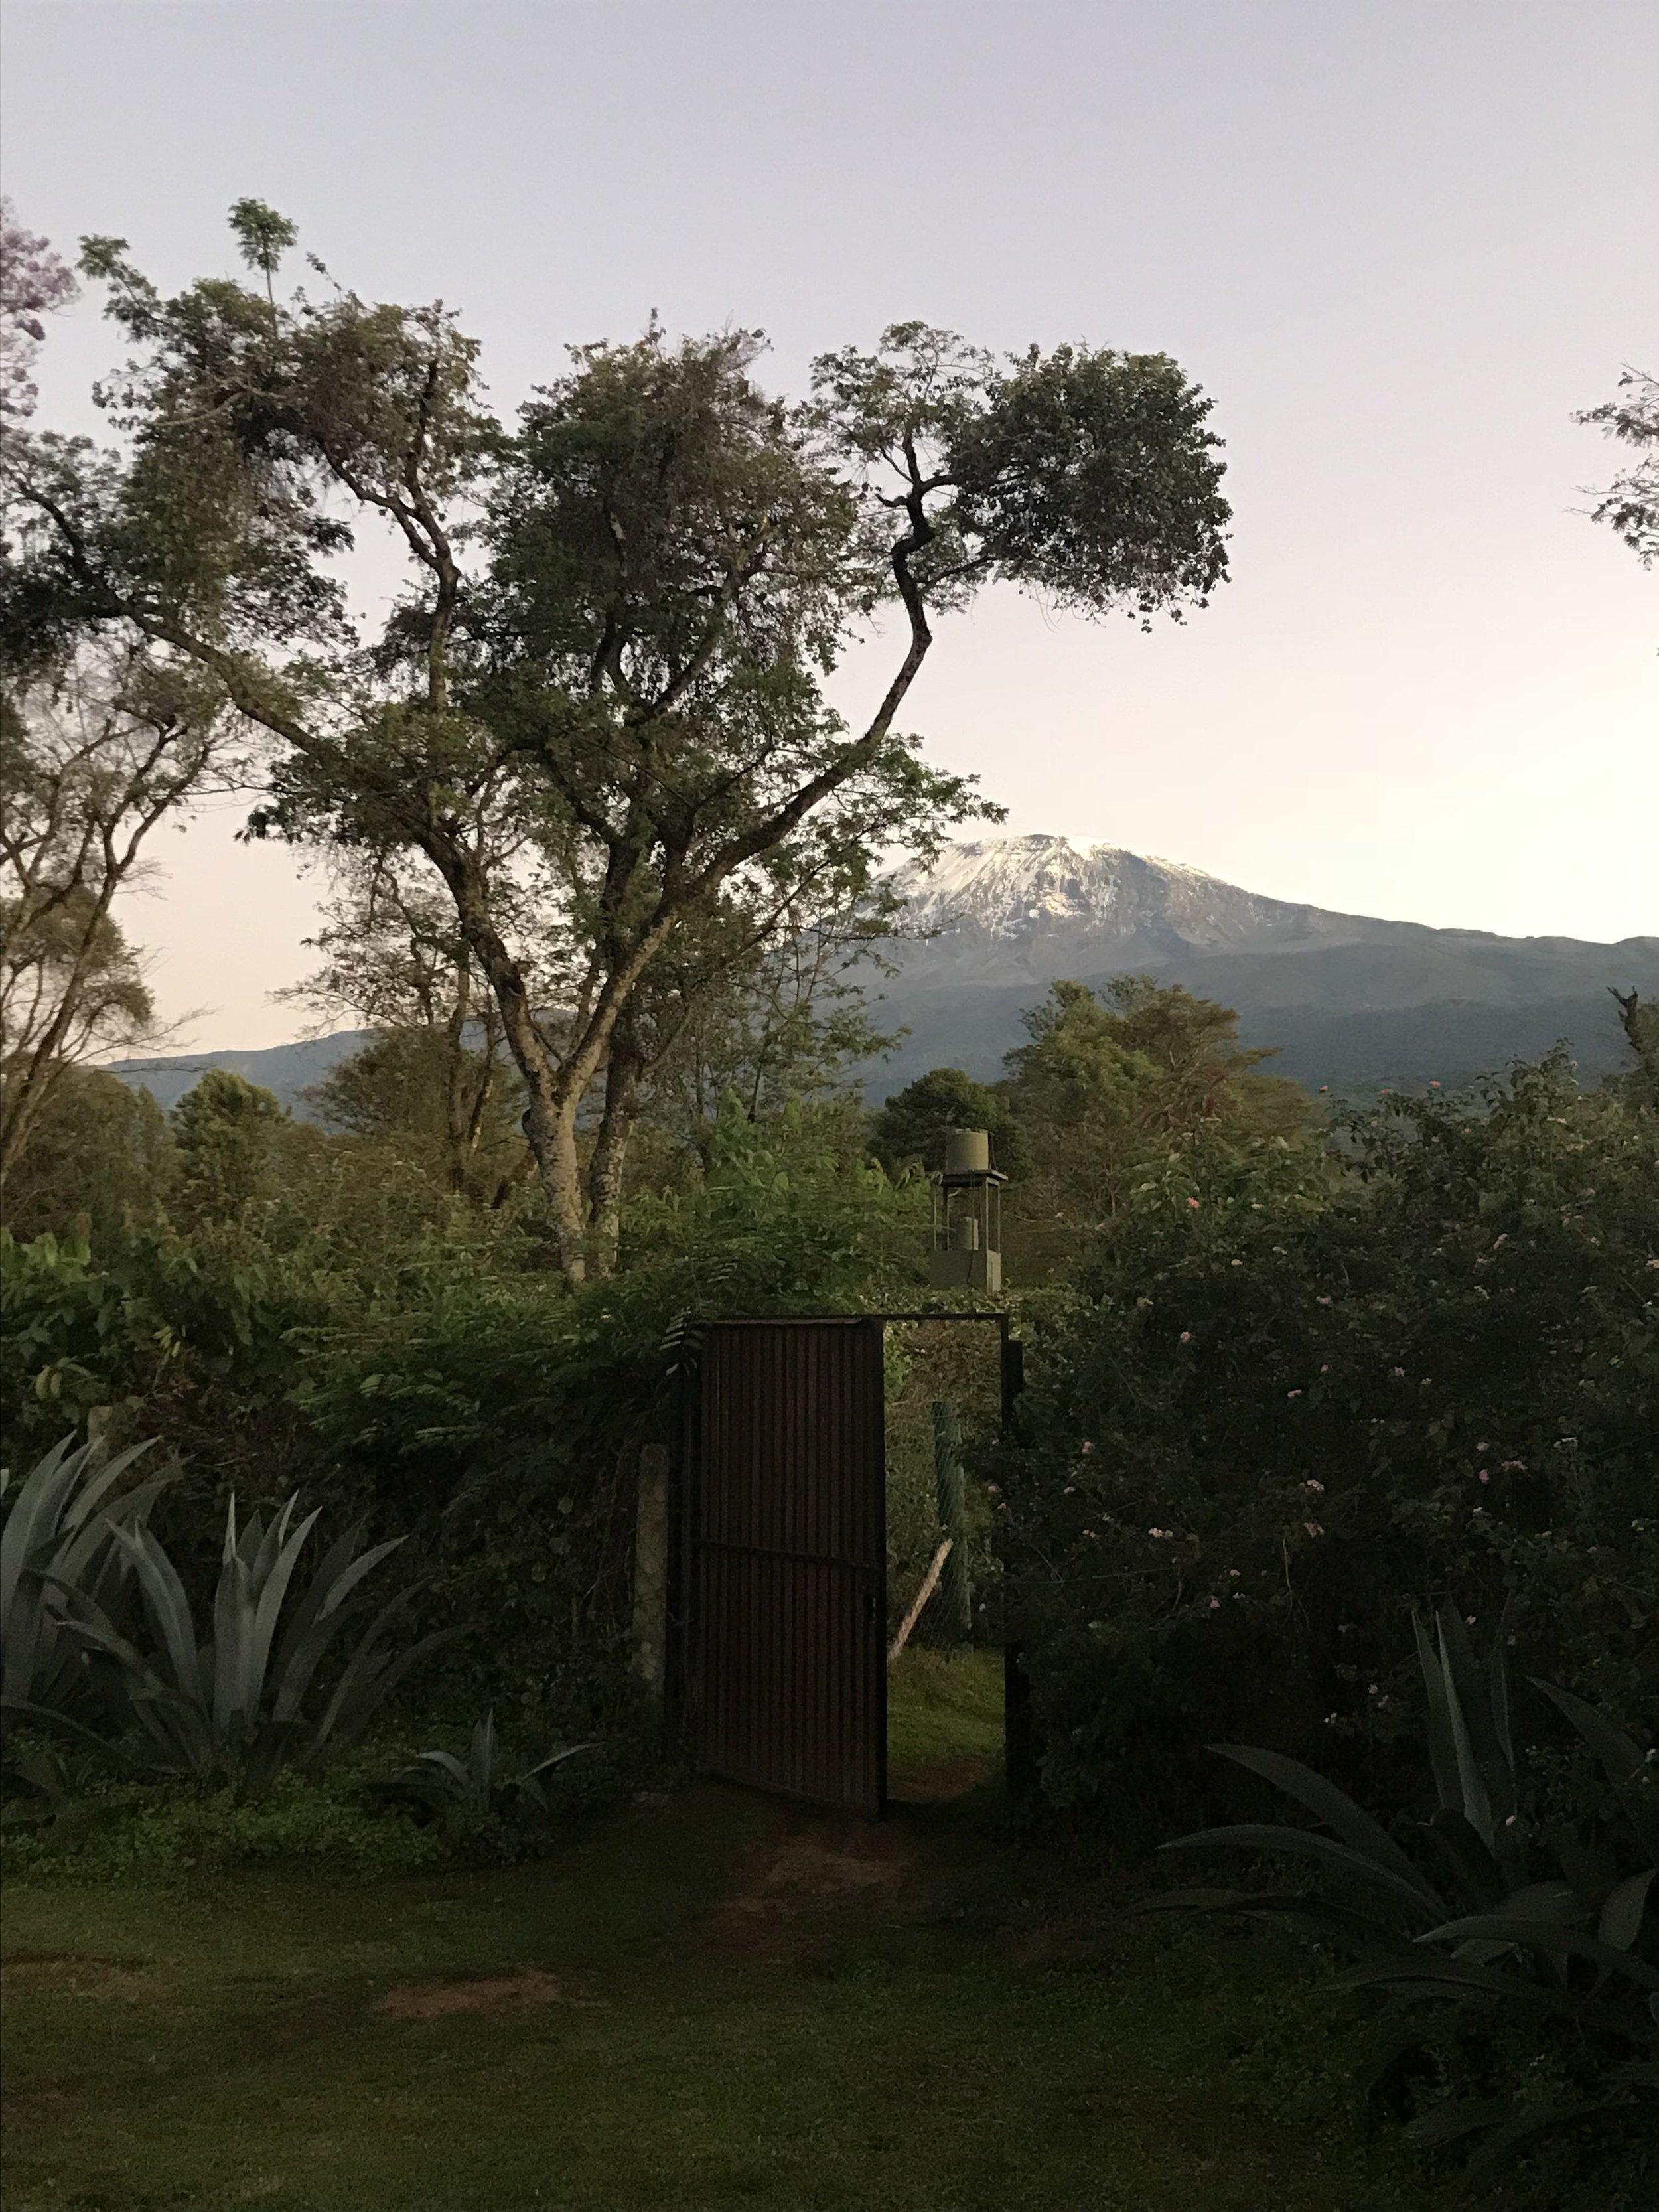 Good morning Mount Kilimanjaro!